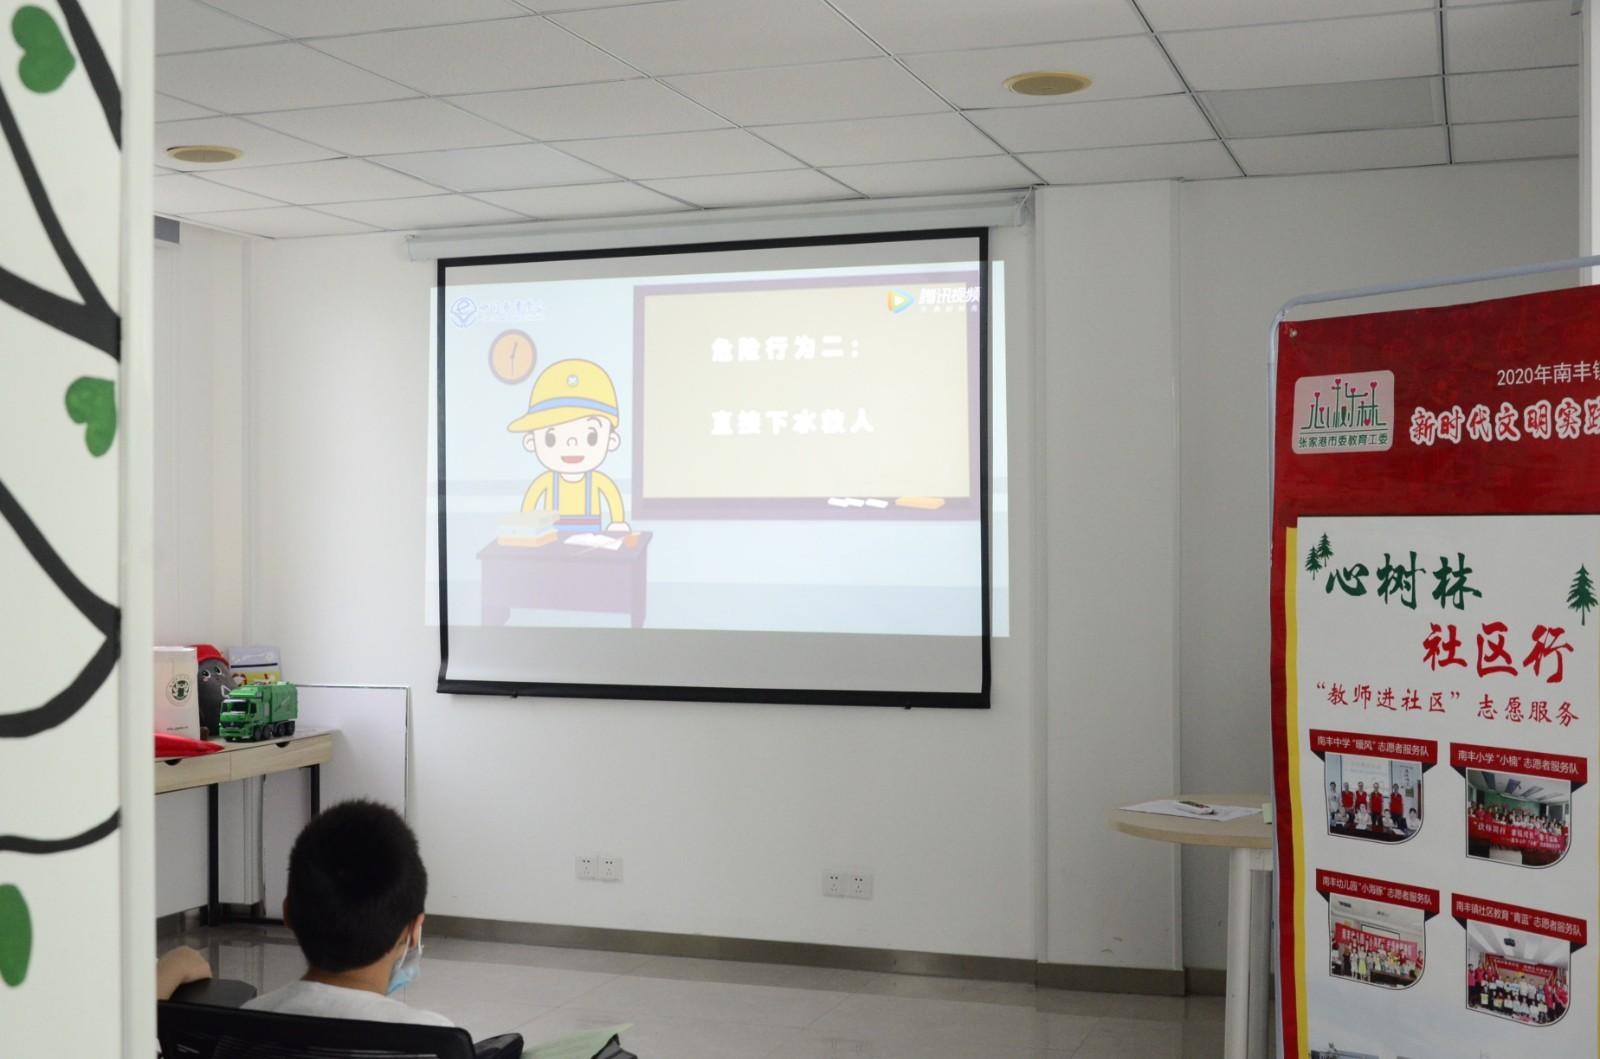 http://www.goschool.org.cn/d/file/12613202.jpg